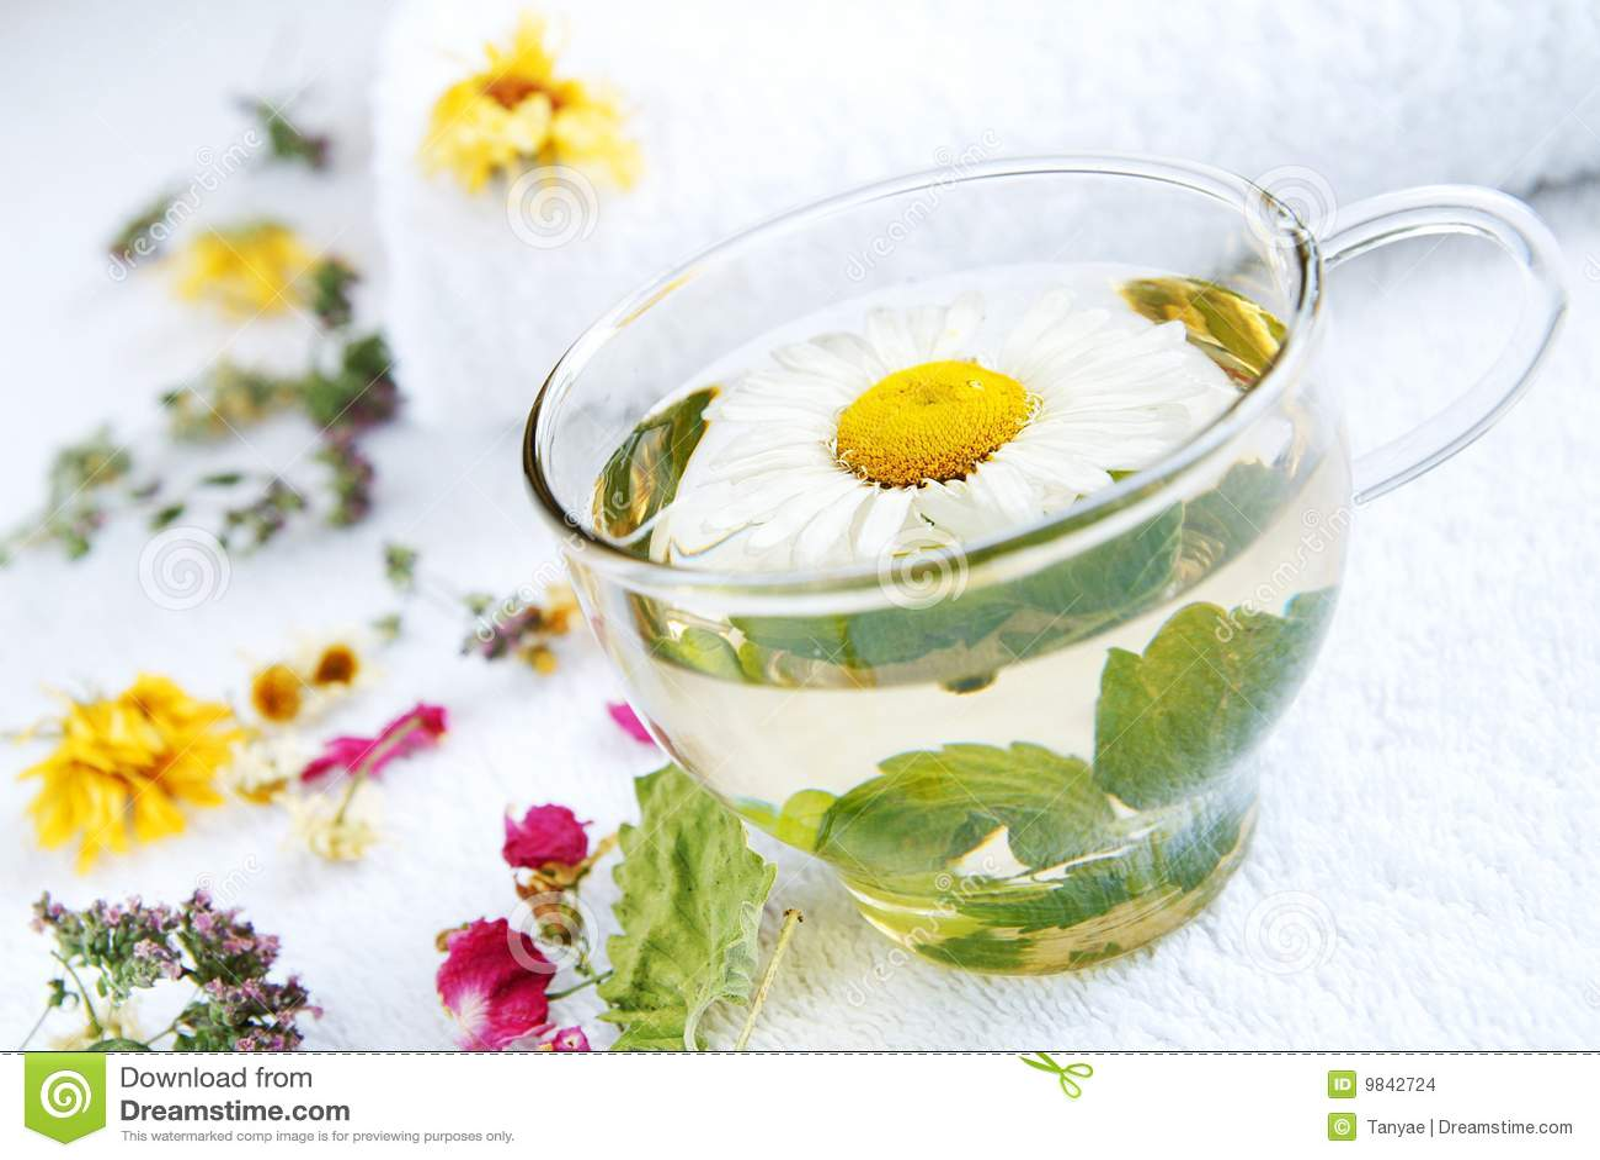 Kamille-munt medische thee